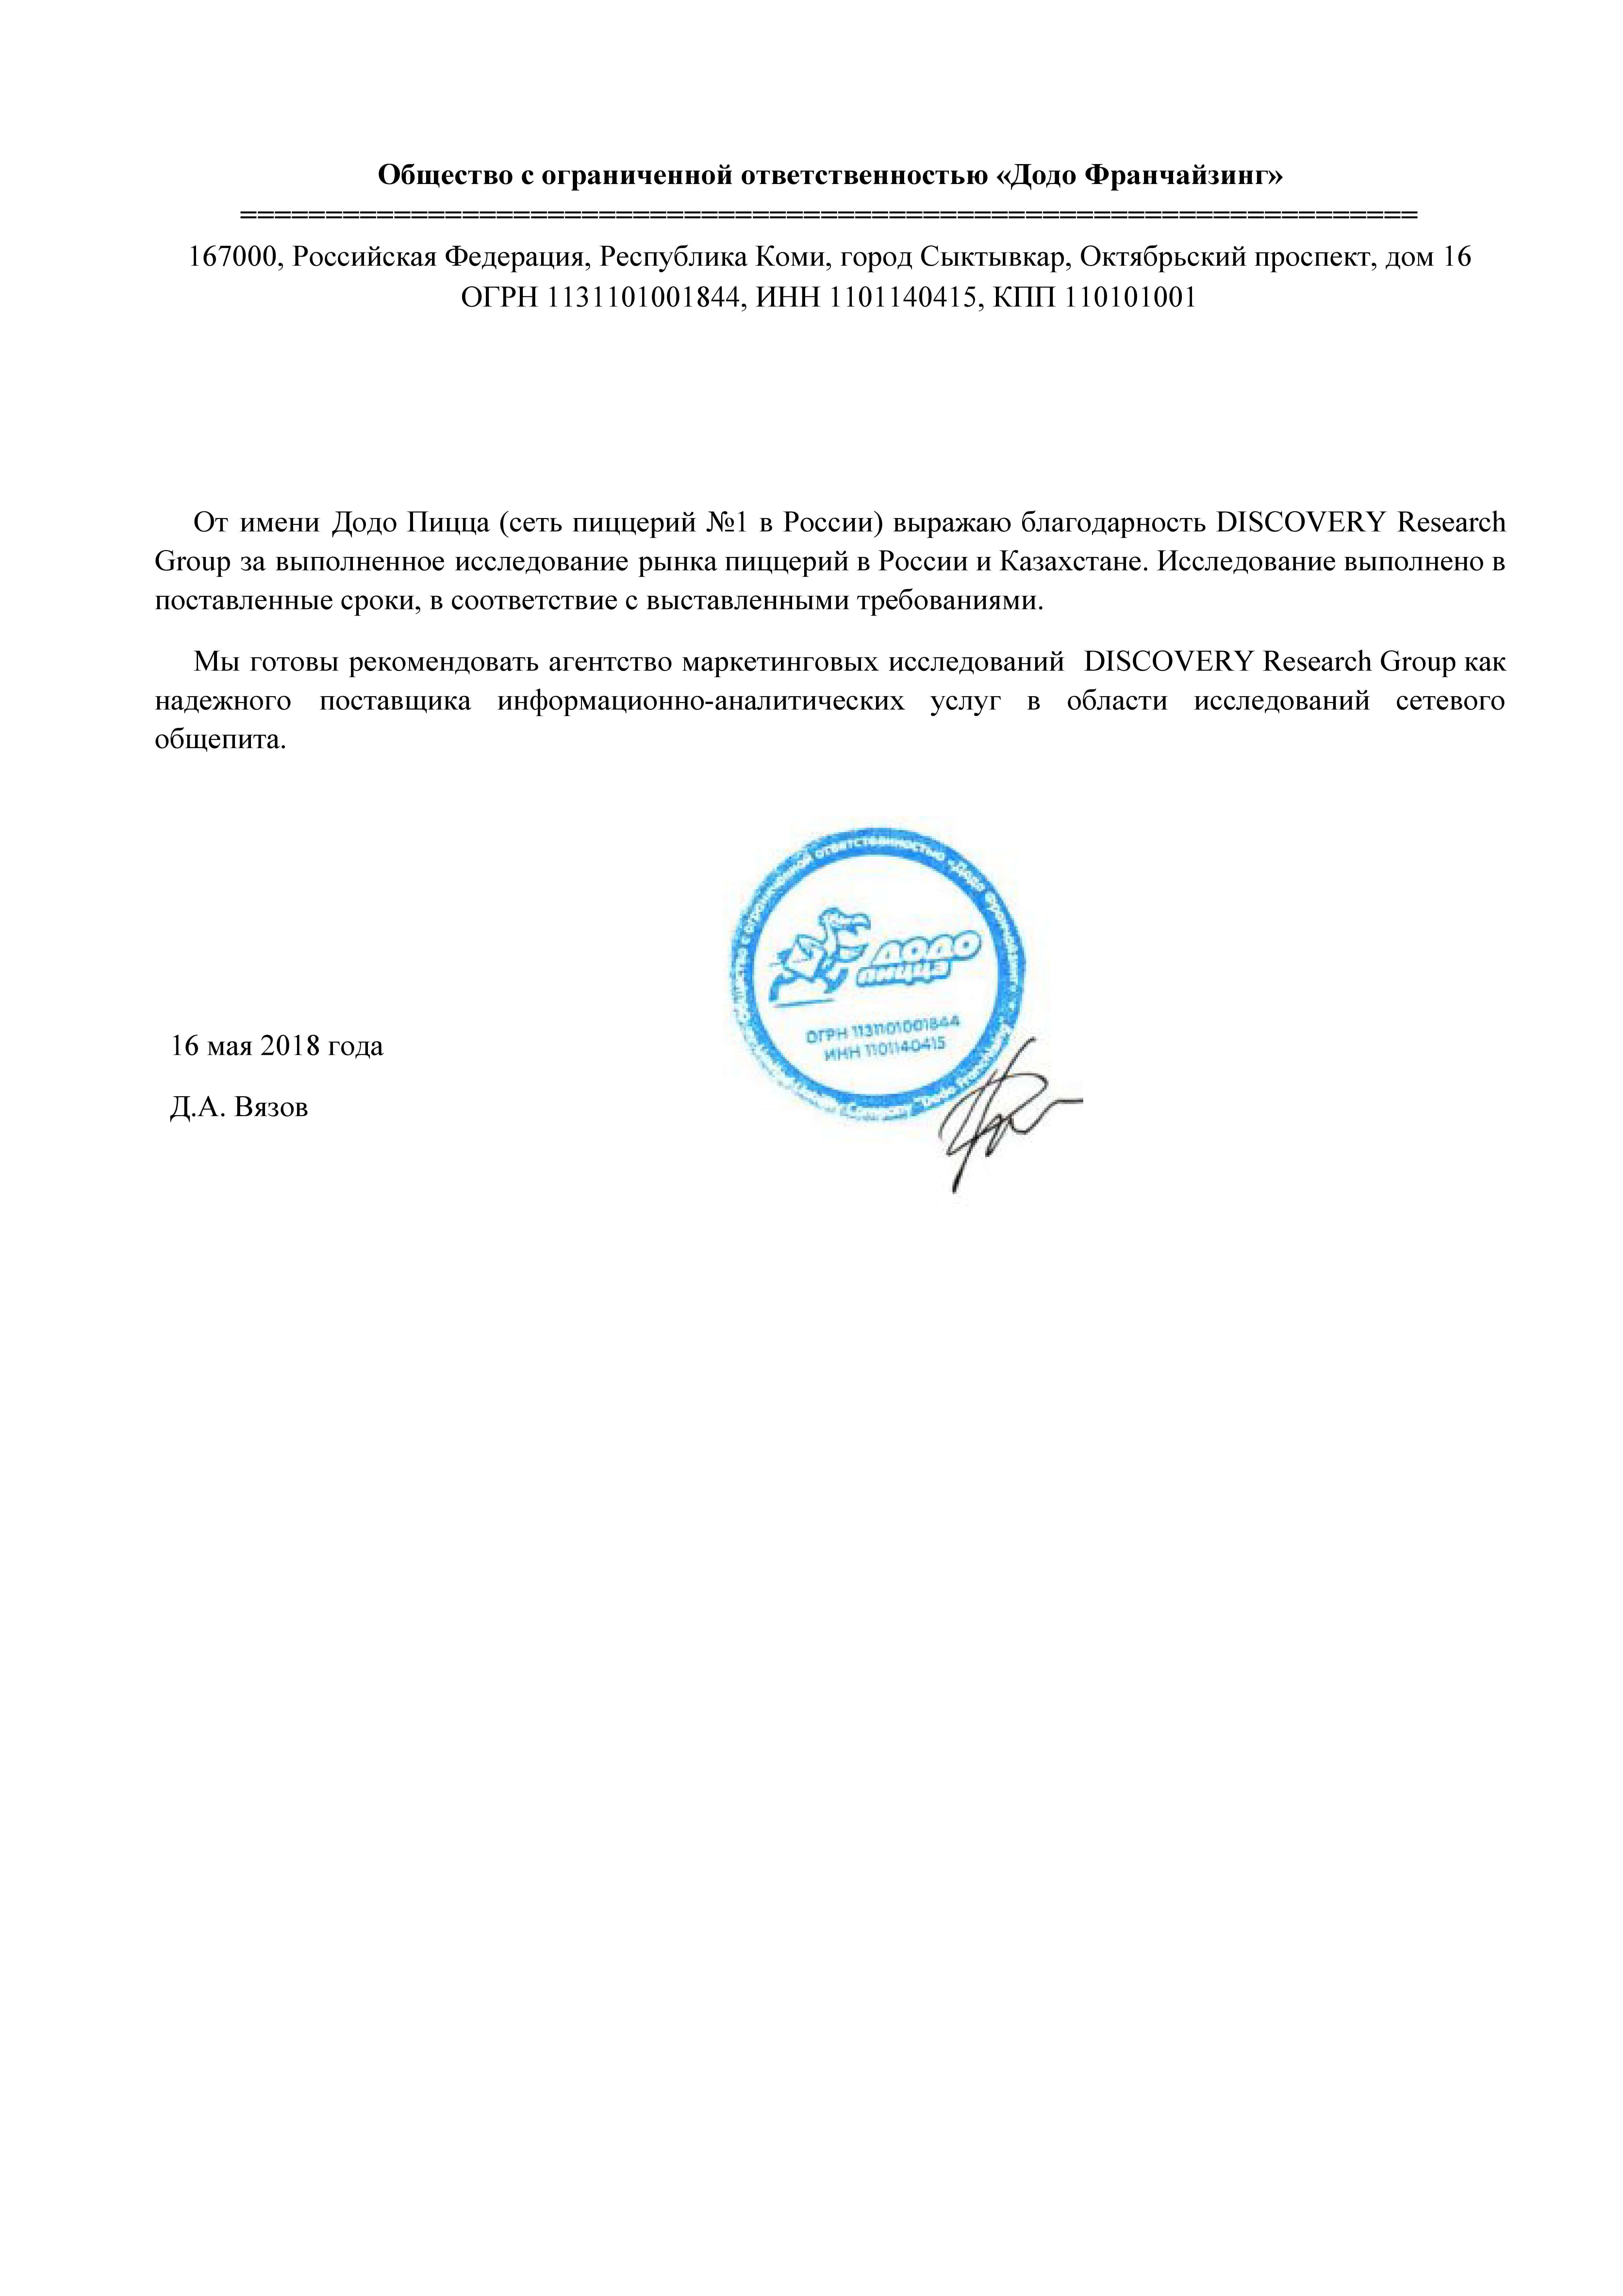 http://drgroup.ru/images/dodo.jpg